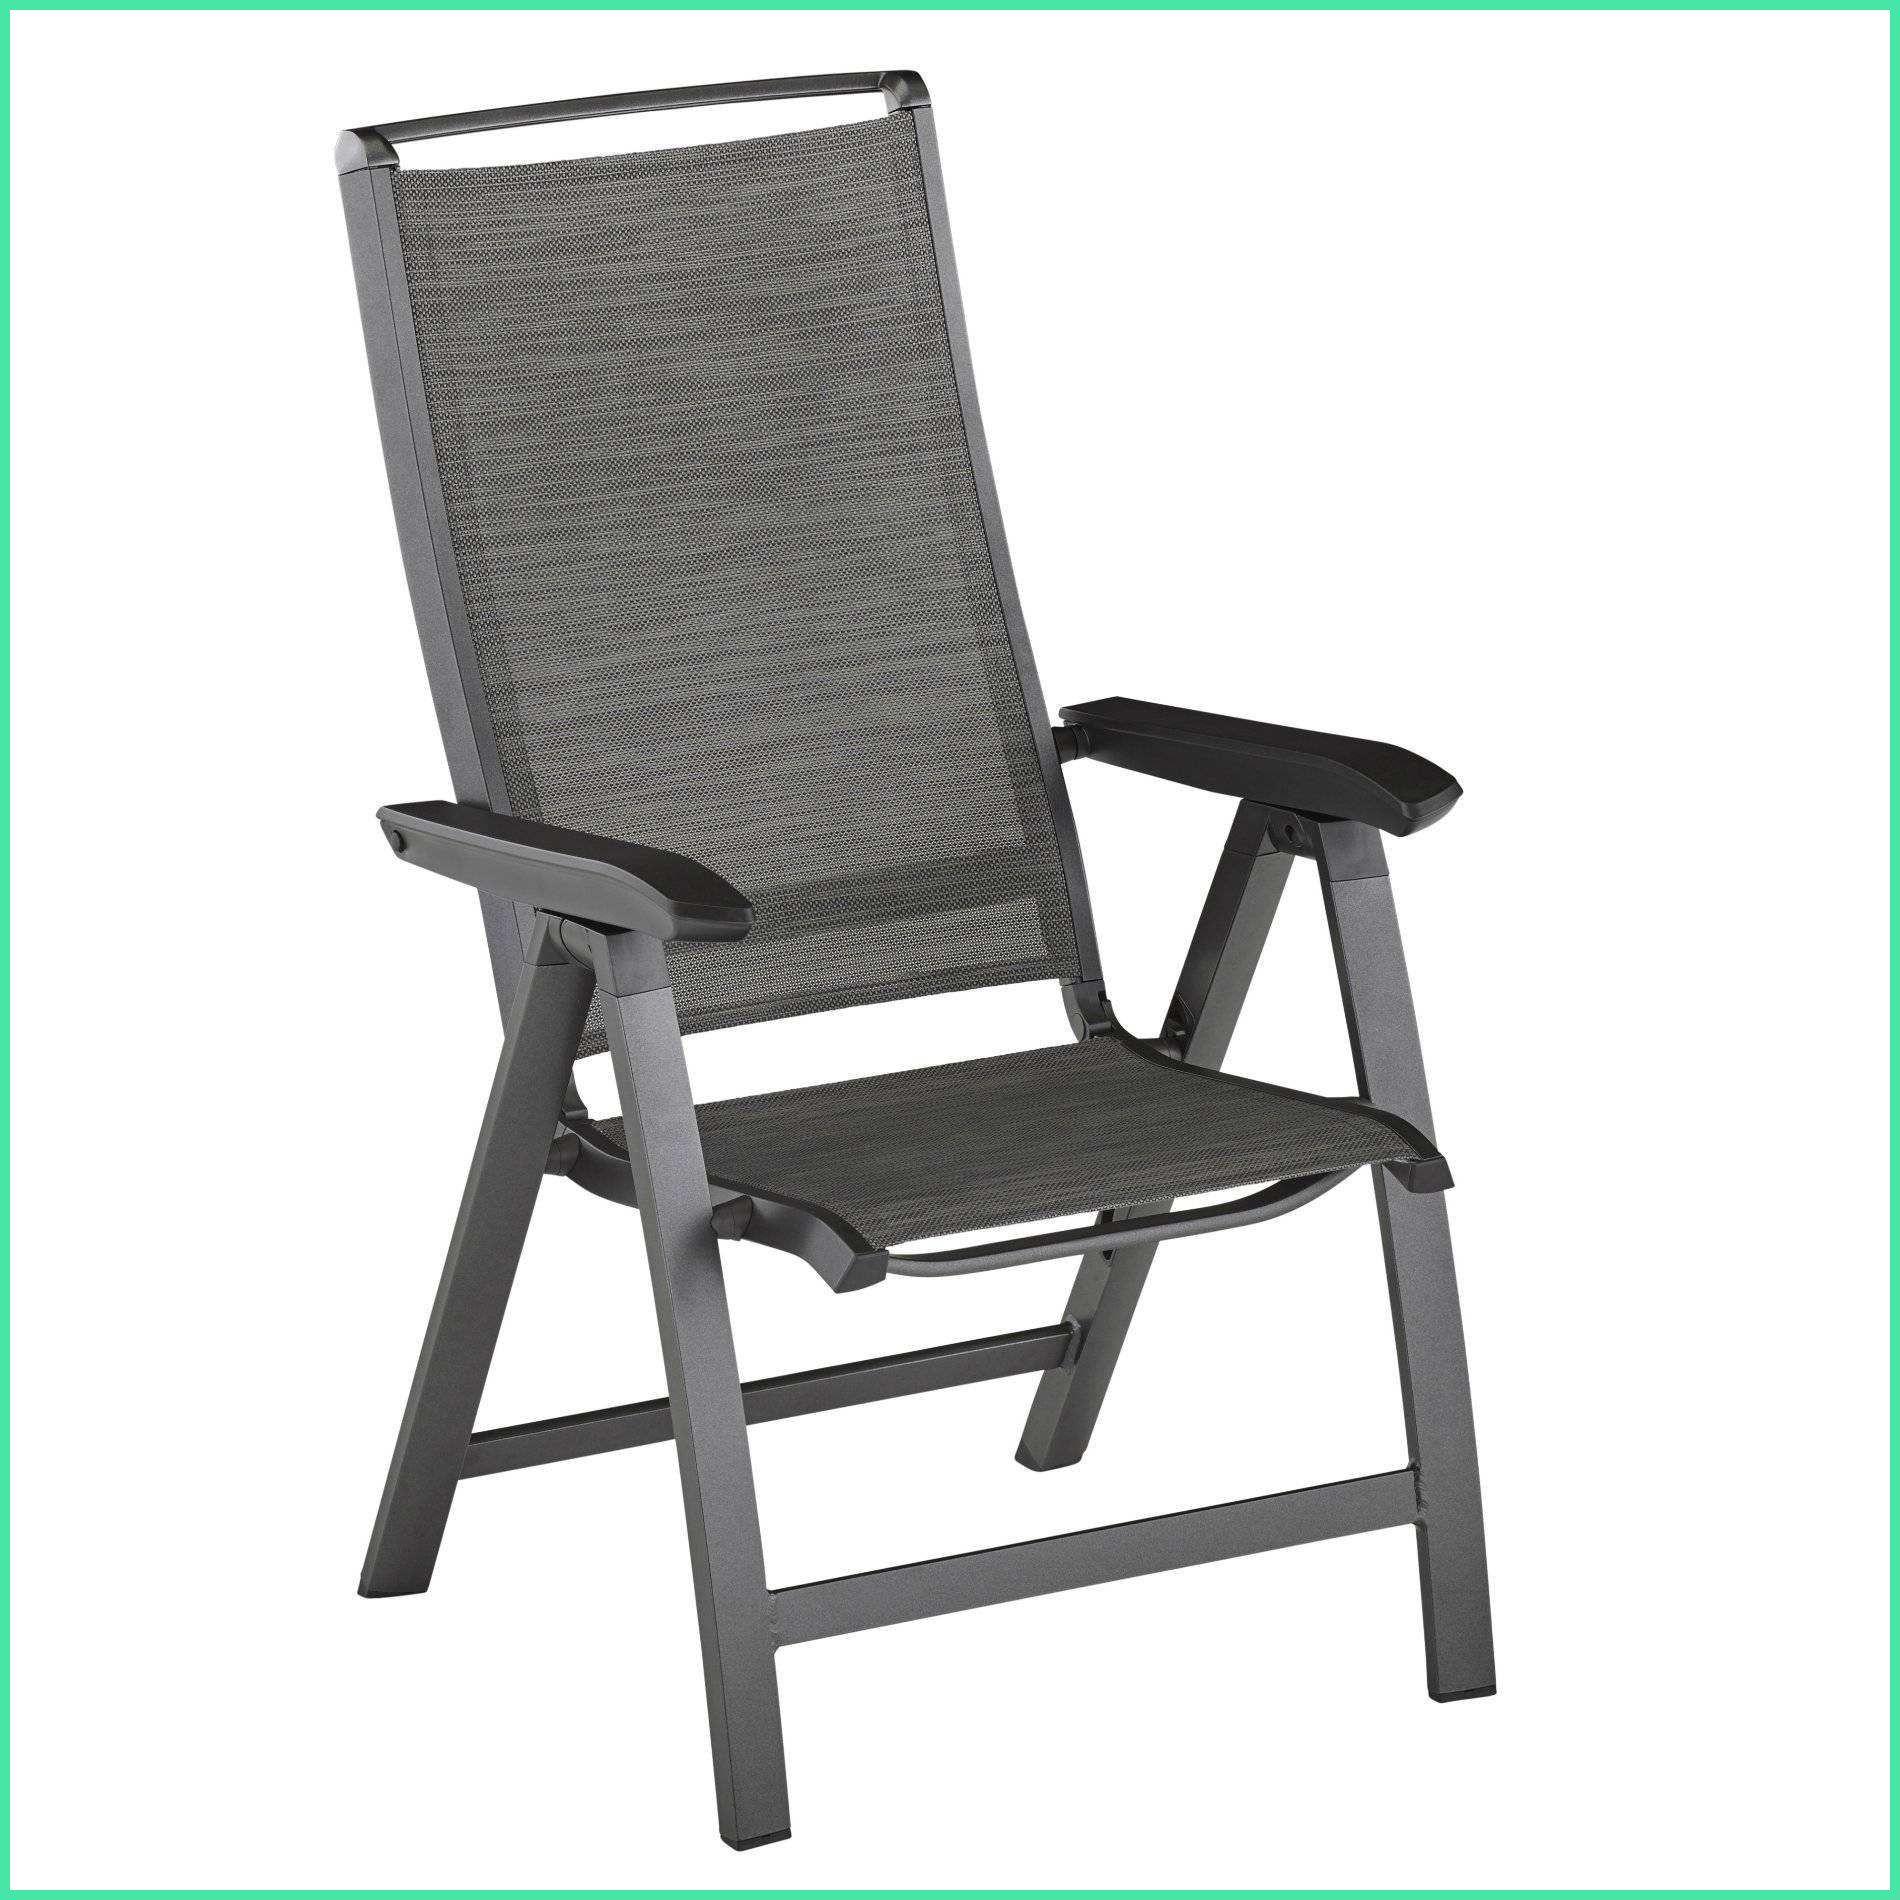 Kettler Auflagen Hochlehner In 2020 Outdoor Furniture Outdoor